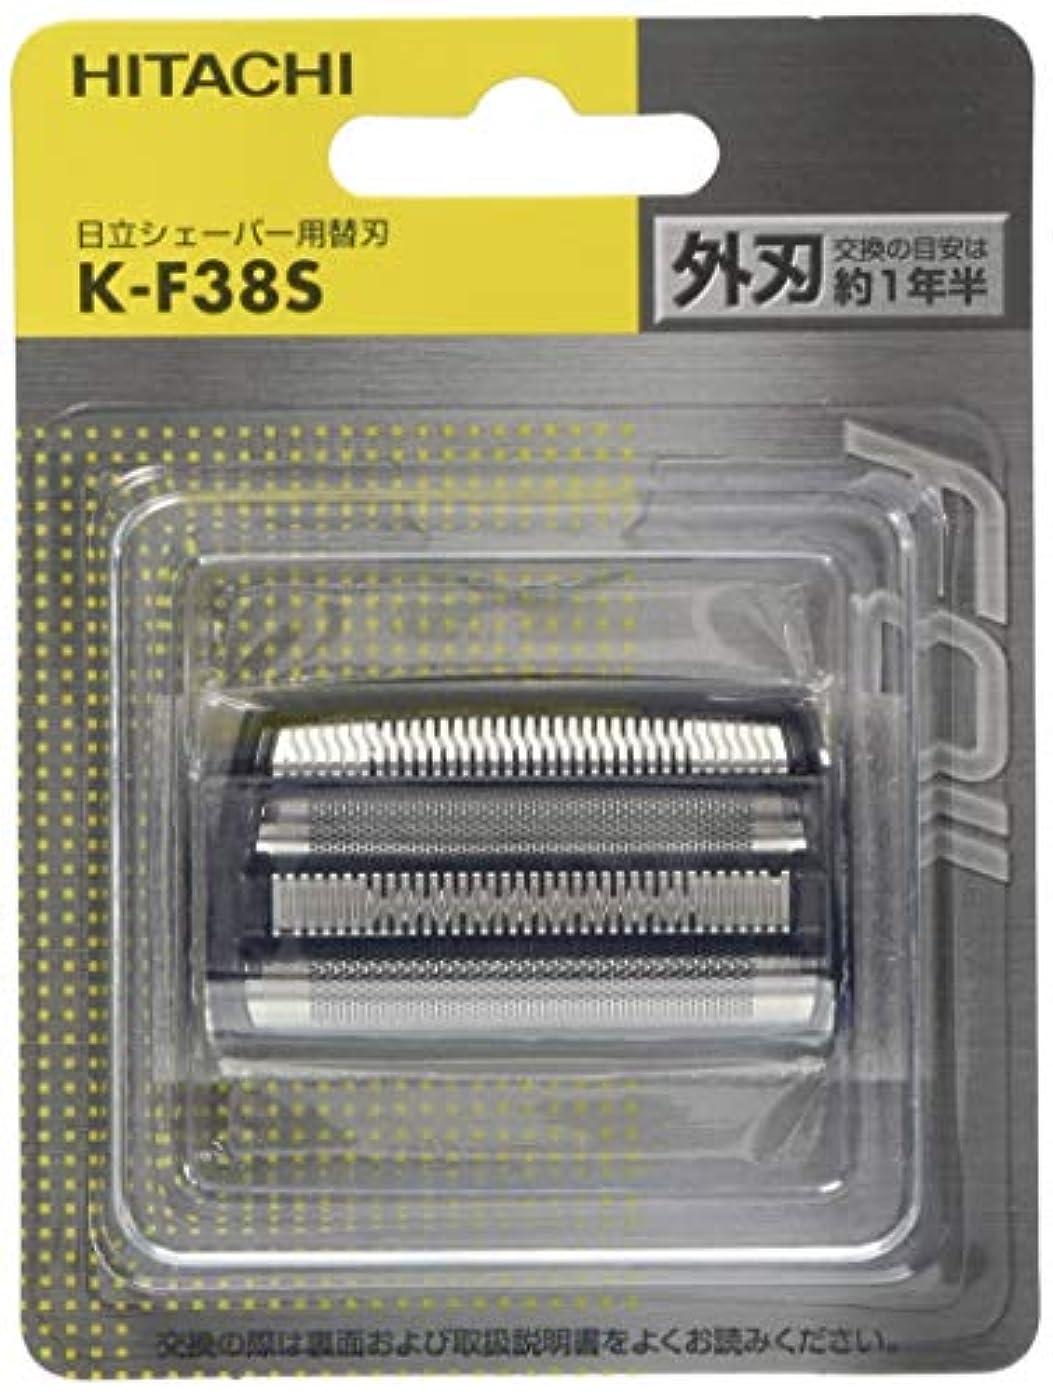 一致つかの間なに日立 メンズシェーバー用替刃(外刃) K-F38S